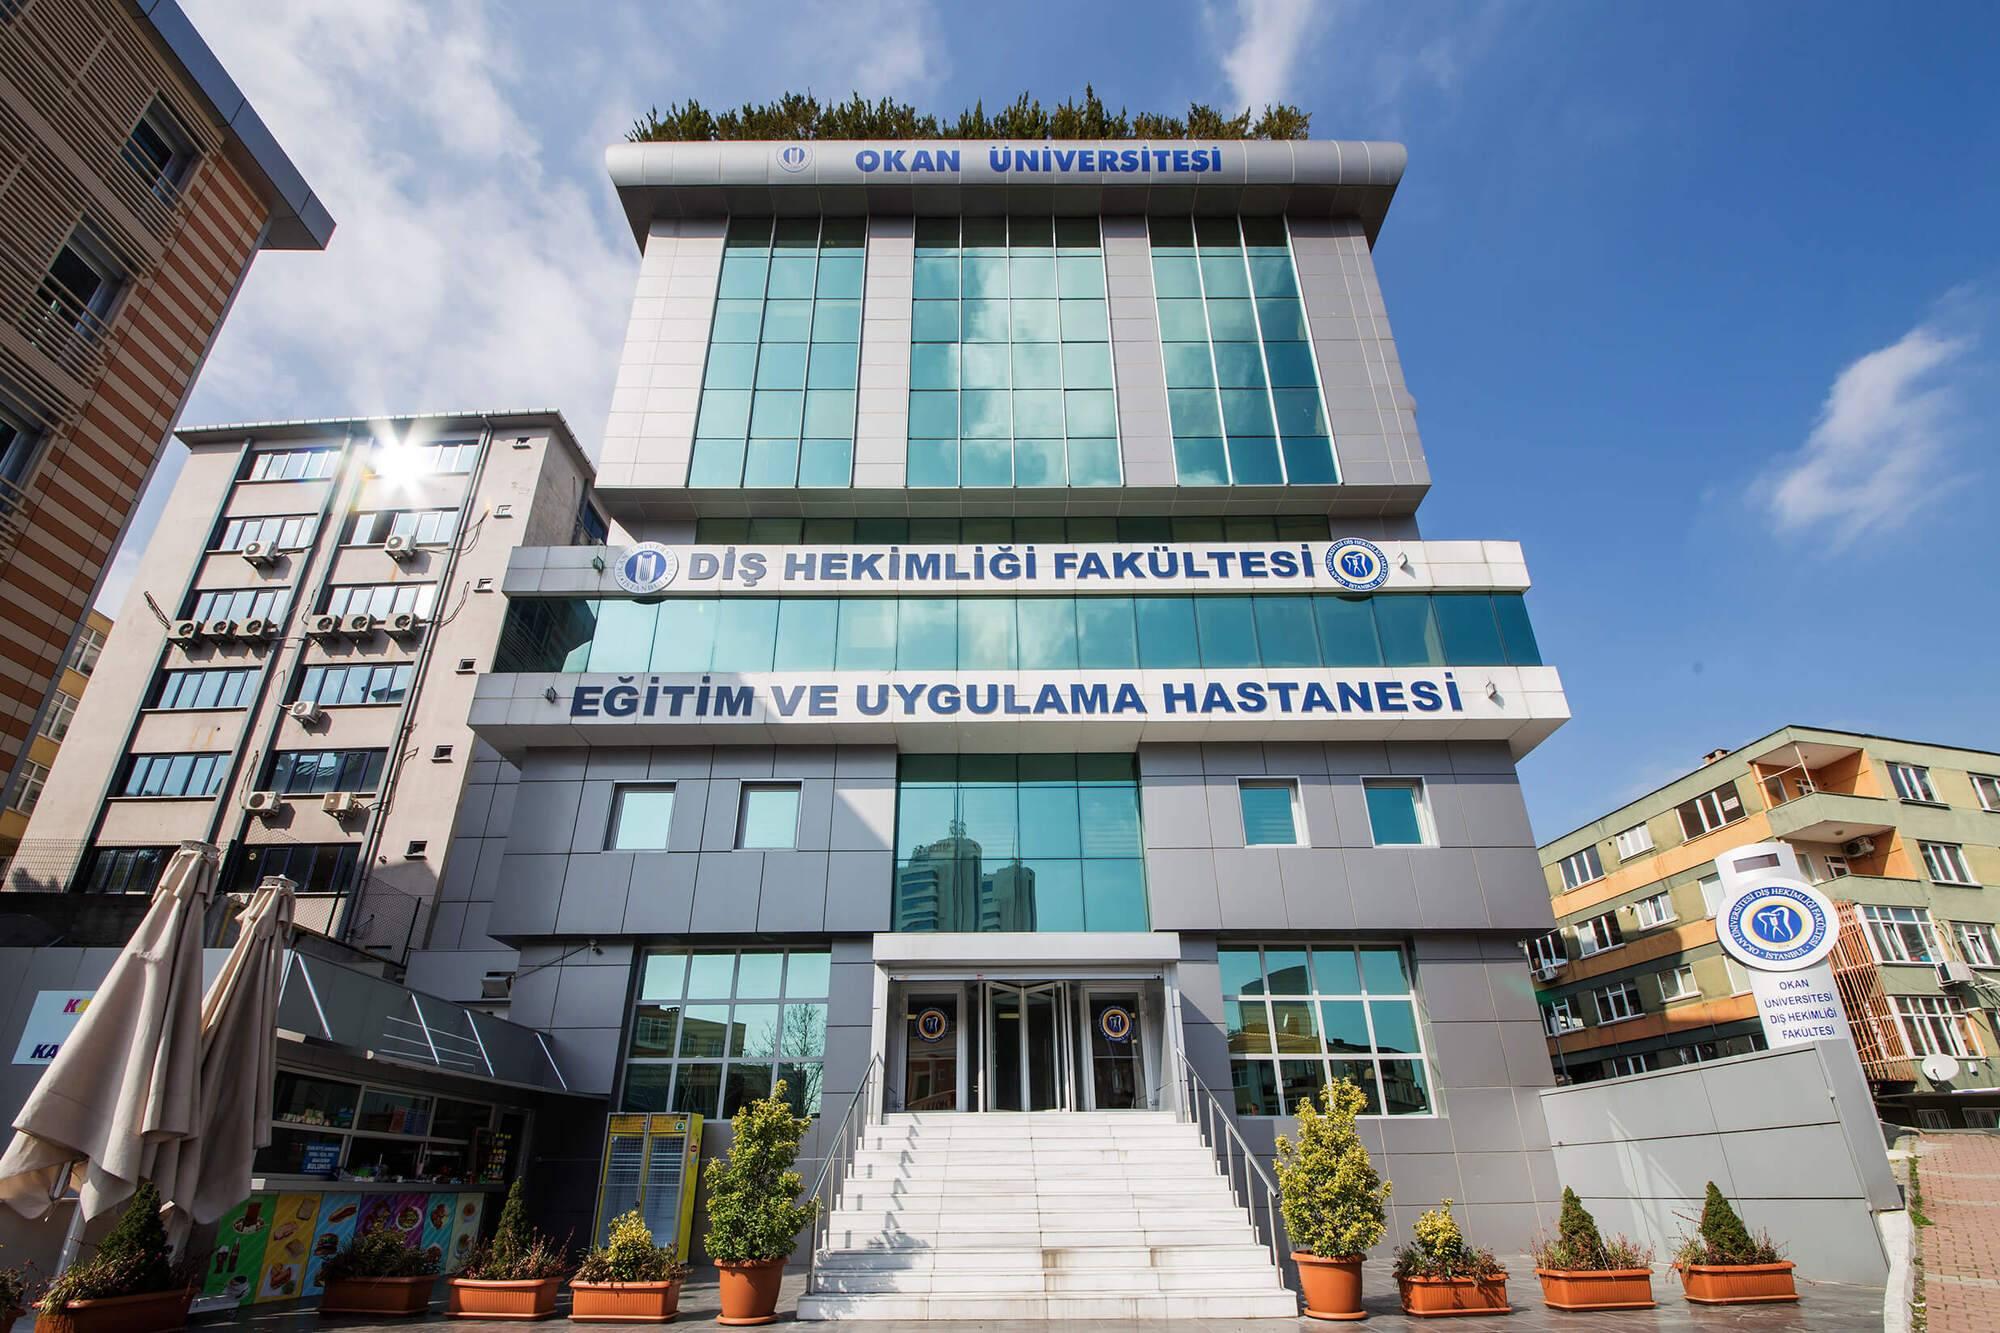 Okan Üniversitesi Diş Hekimliği Fakültesi